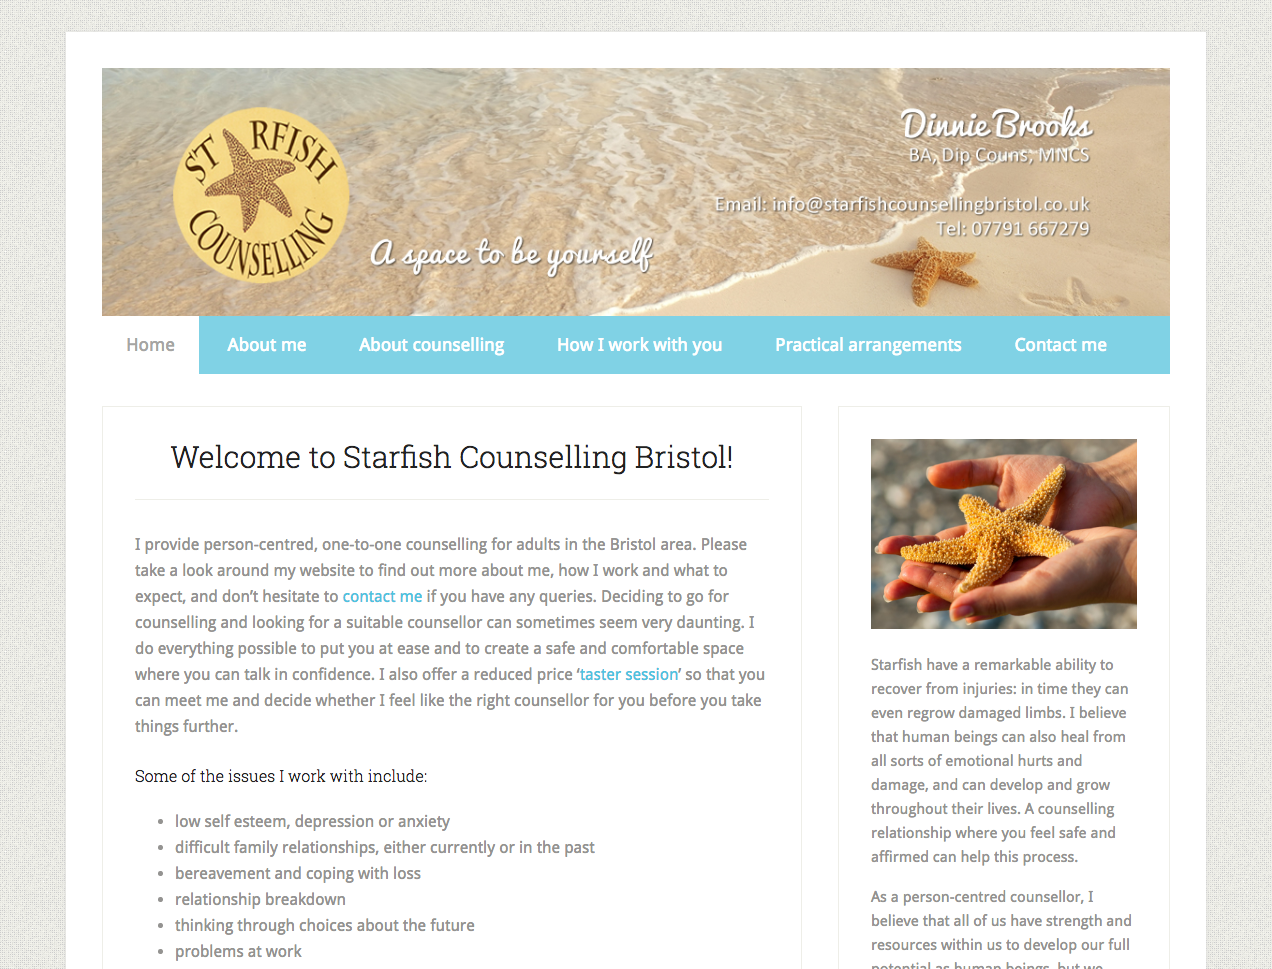 Starfish Counselling Bristol